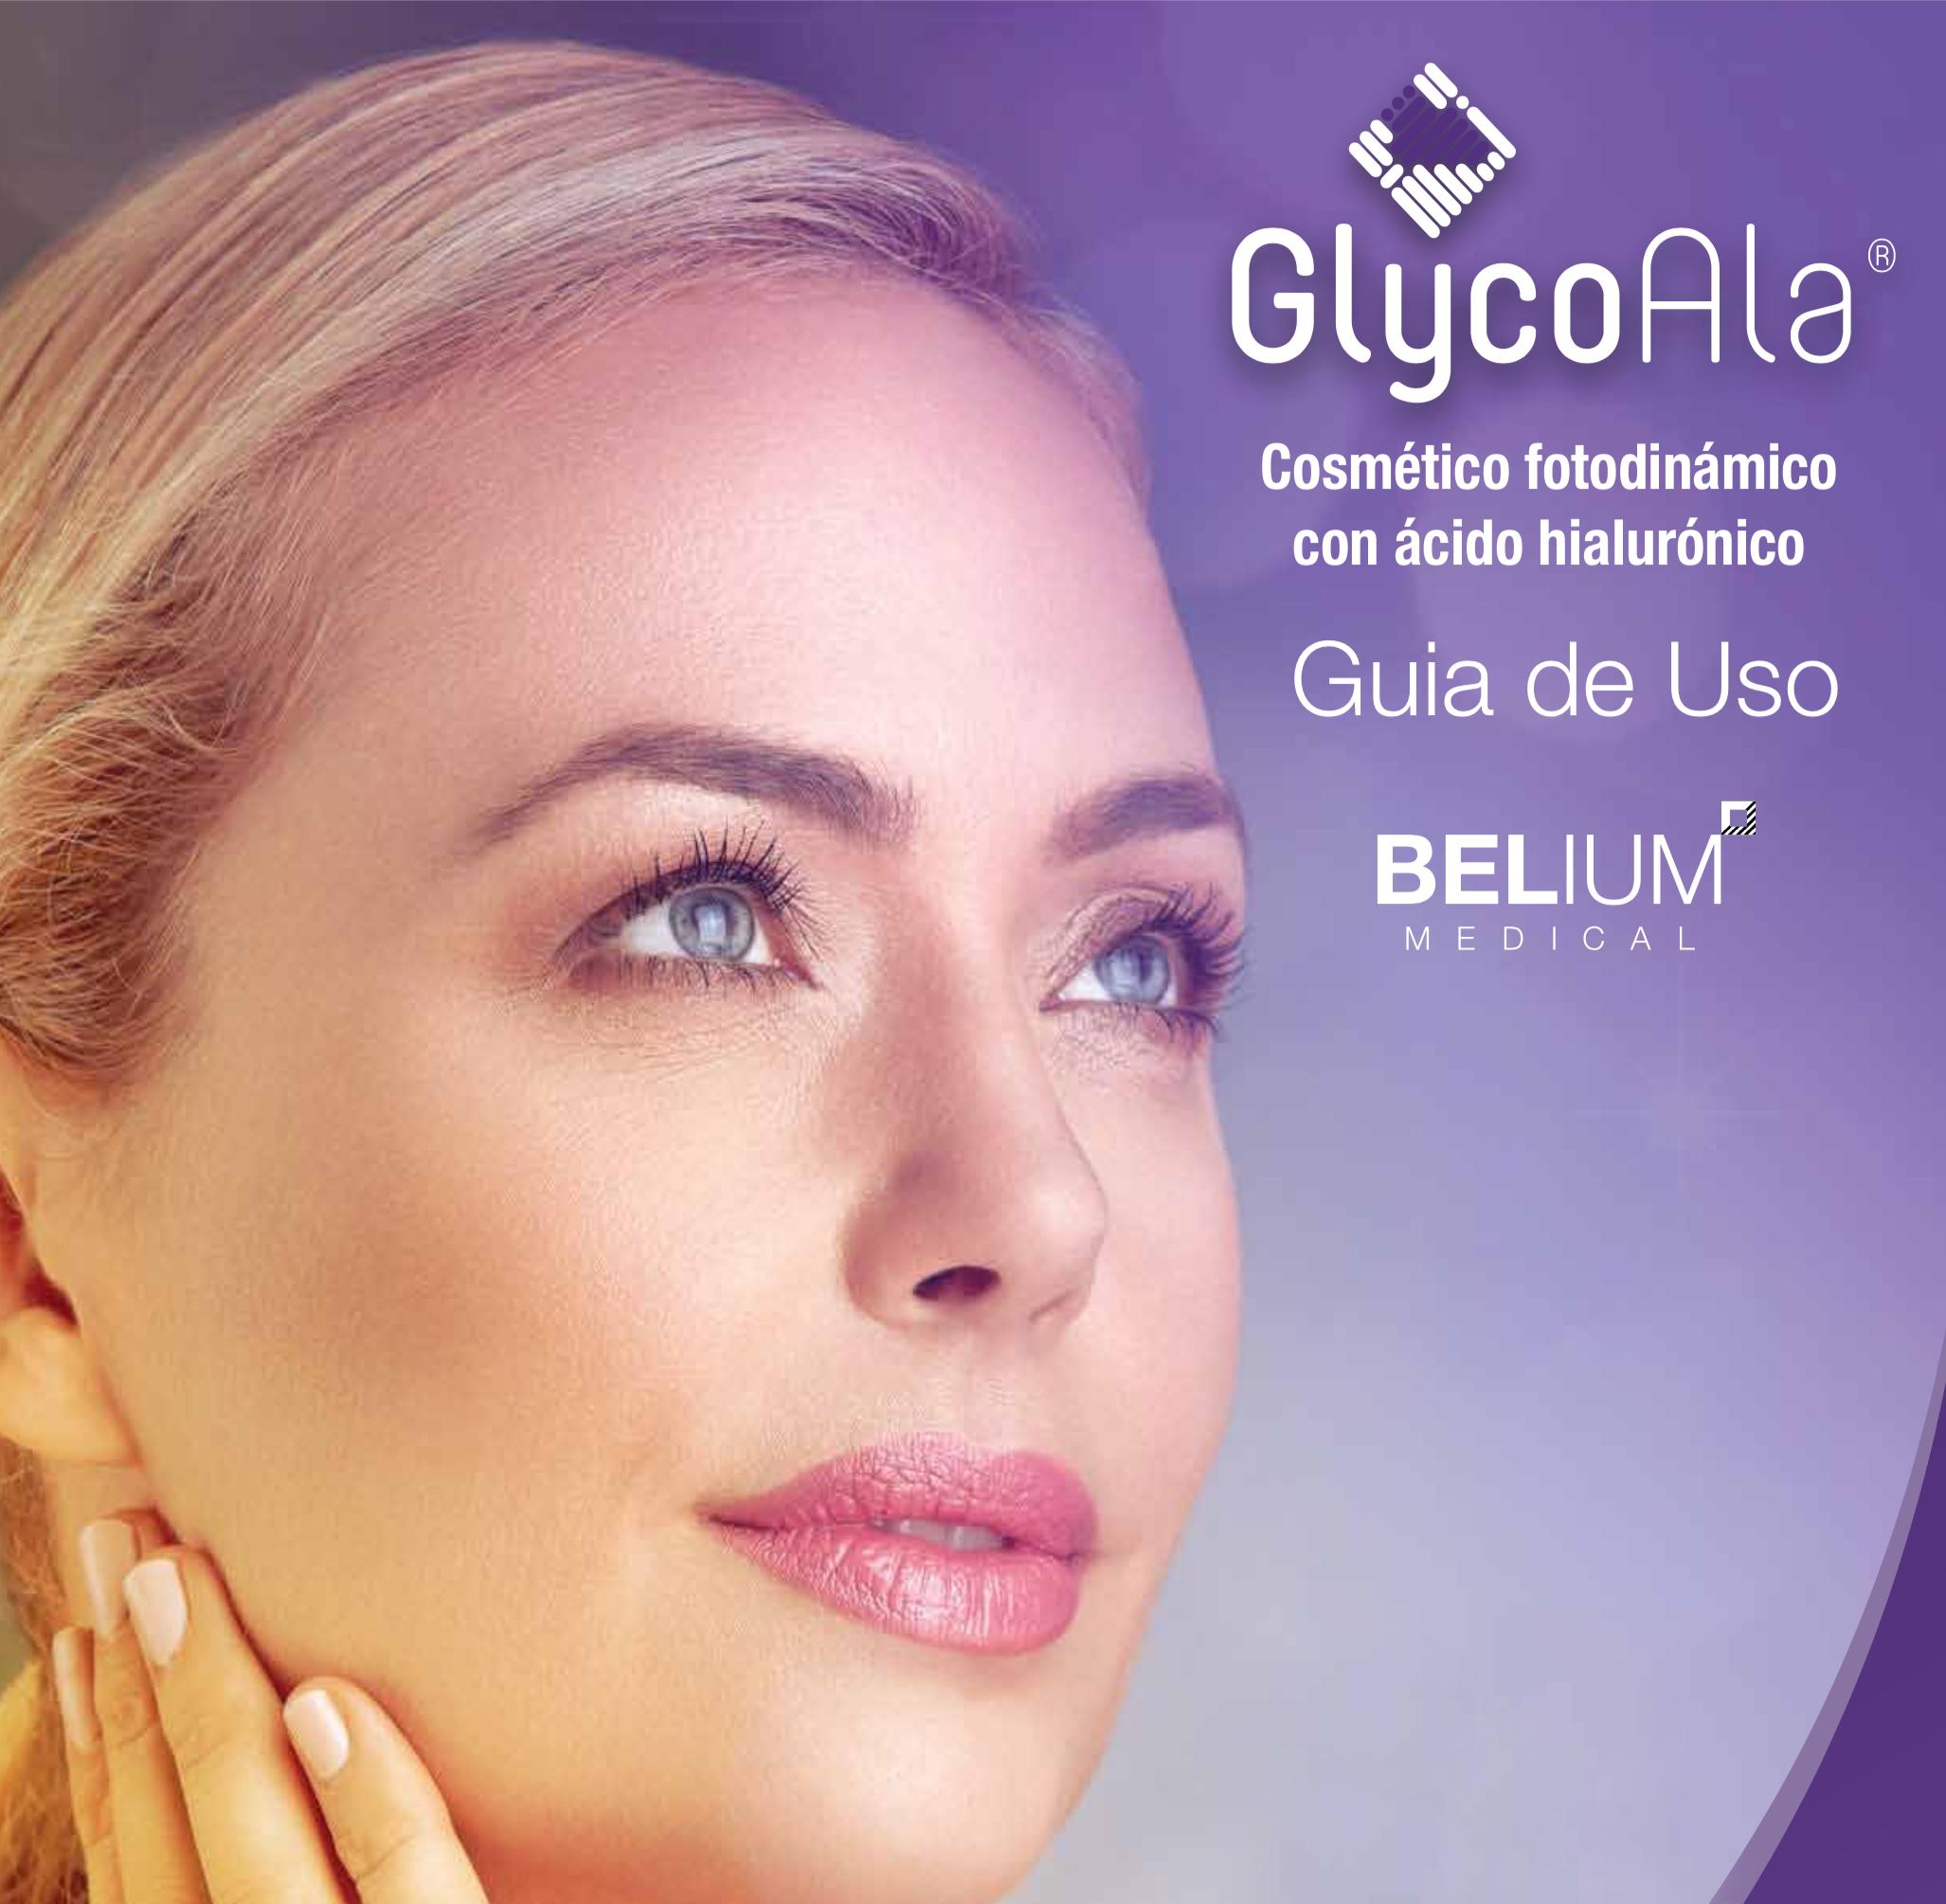 glycoala cosmetico fotodinamico, belium, medical, cosmético, fotodinámico, rejuvenecimiento, piel, belleza, arrugas, hidratación